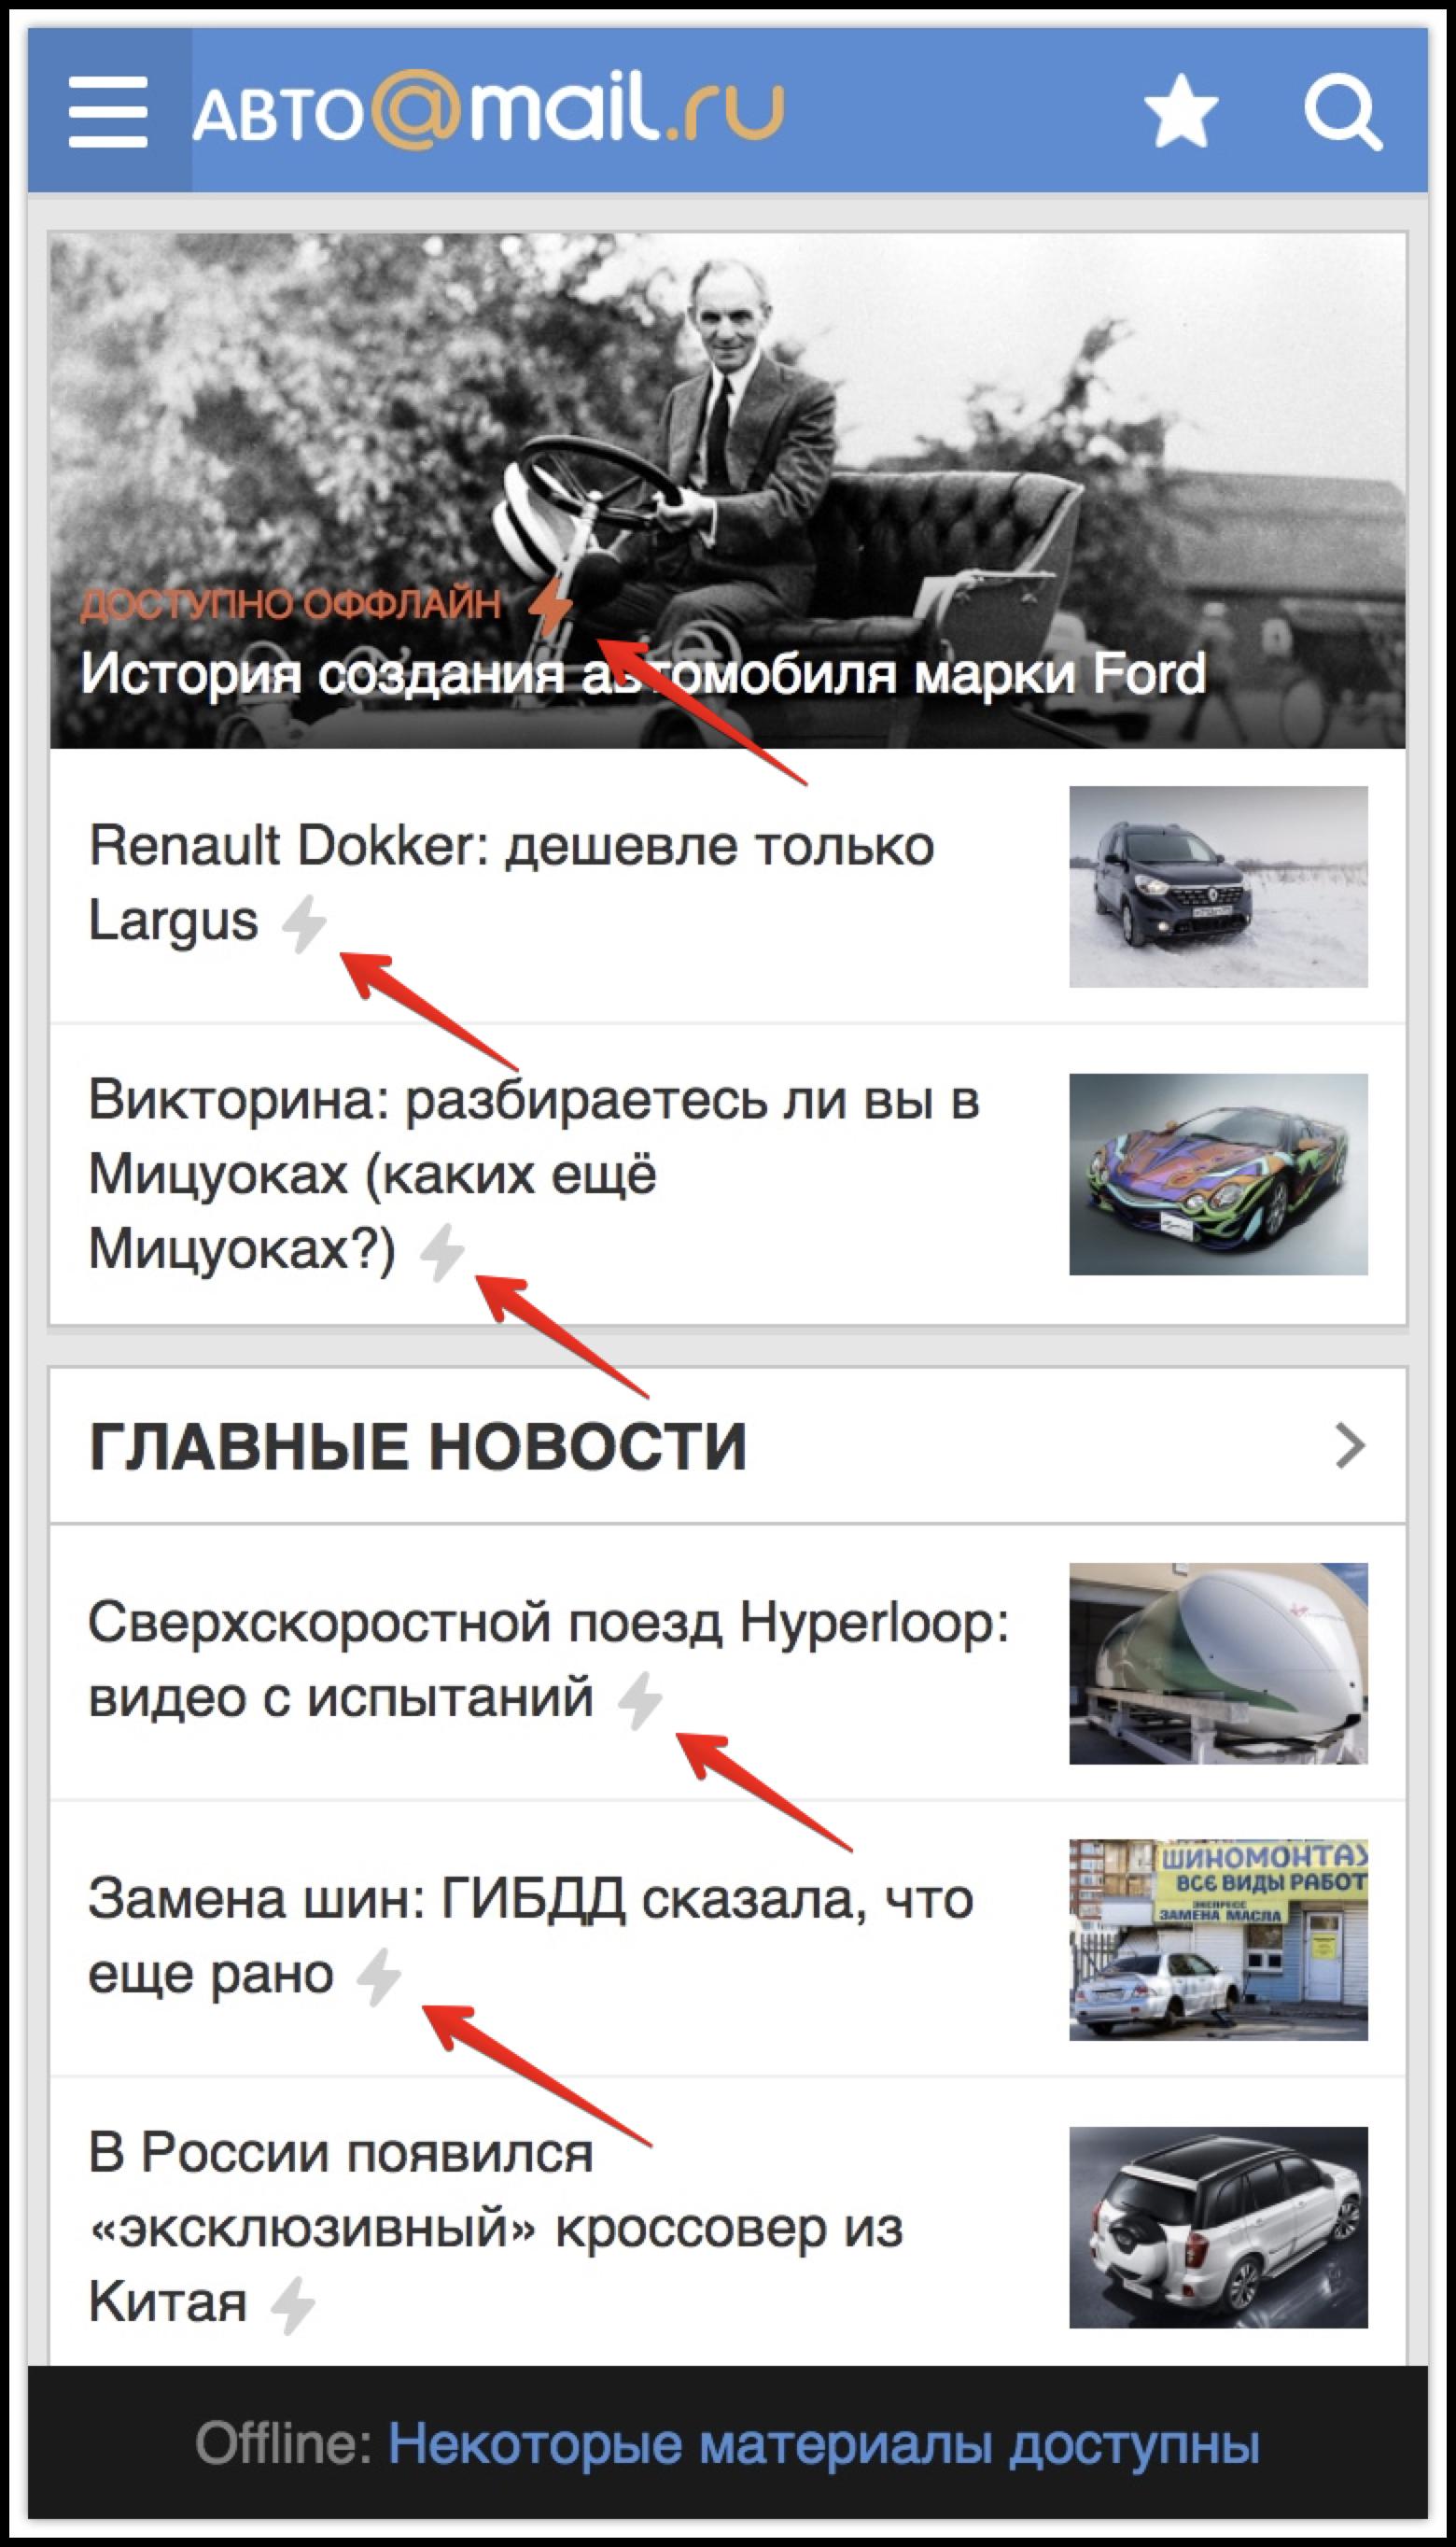 Генерация страниц сайта средствами сервис-воркеров - 3